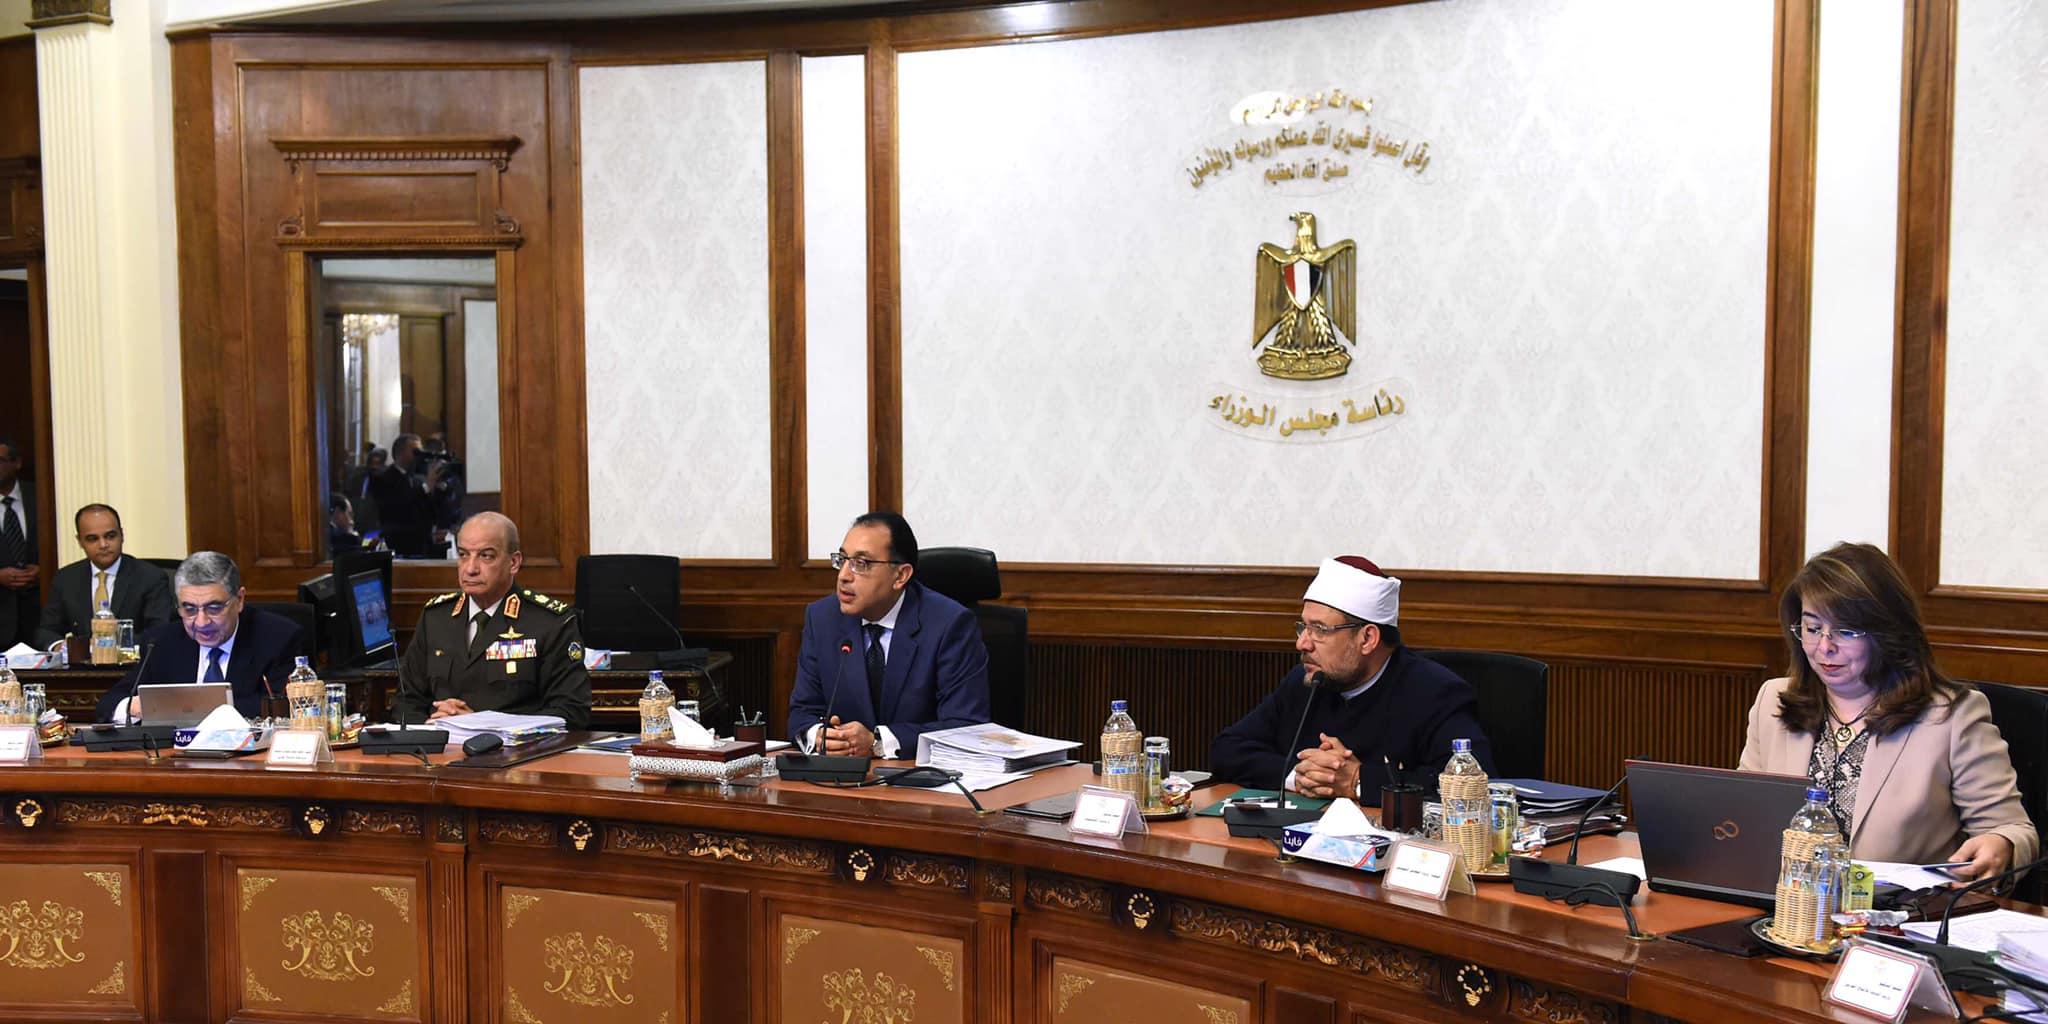 صور| مجلس الوزراء يوافق على قانون زيادة المعاشات والأجور وحركة ترقيات للعاملين